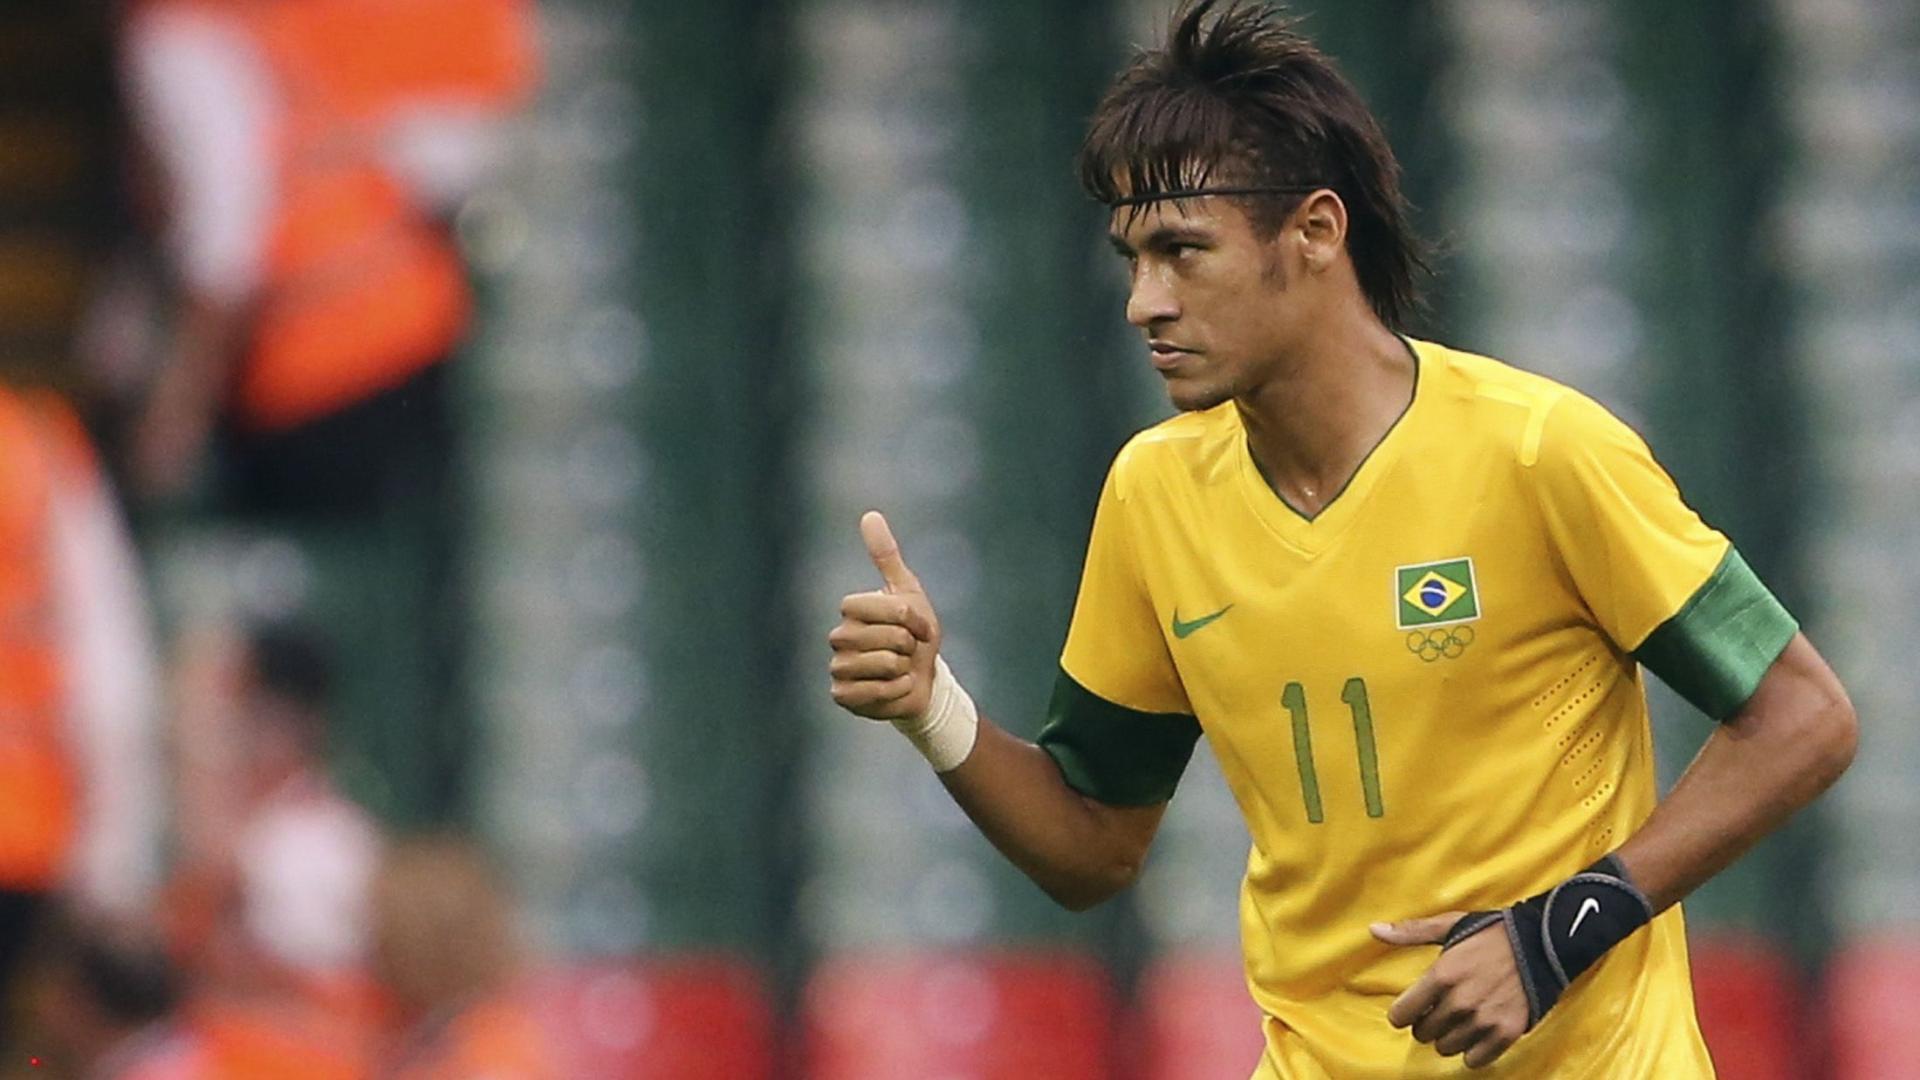 Neymar Brazil HD Wallpaper | Wide Screen Wallpaper 1080p,2K,4K